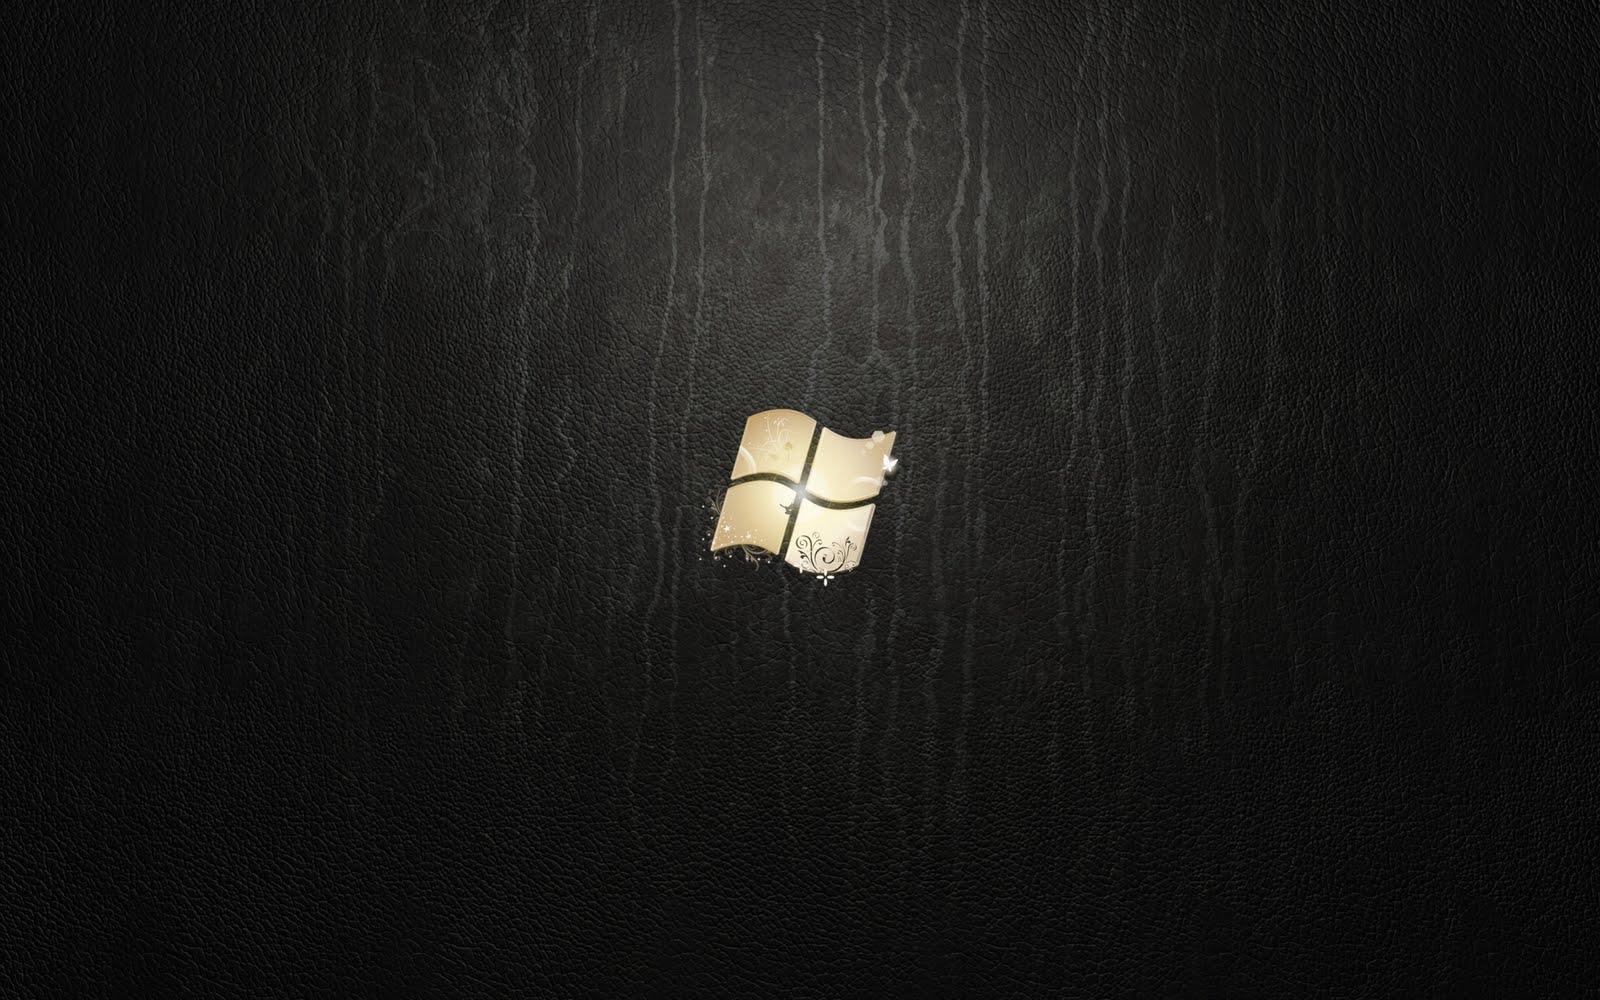 http://4.bp.blogspot.com/-g3mgyfcbtR0/Txu0fyWscMI/AAAAAAAANwc/2HCOgUDuUdE/s1600/HD+high+resolution+wallpaper.jpg